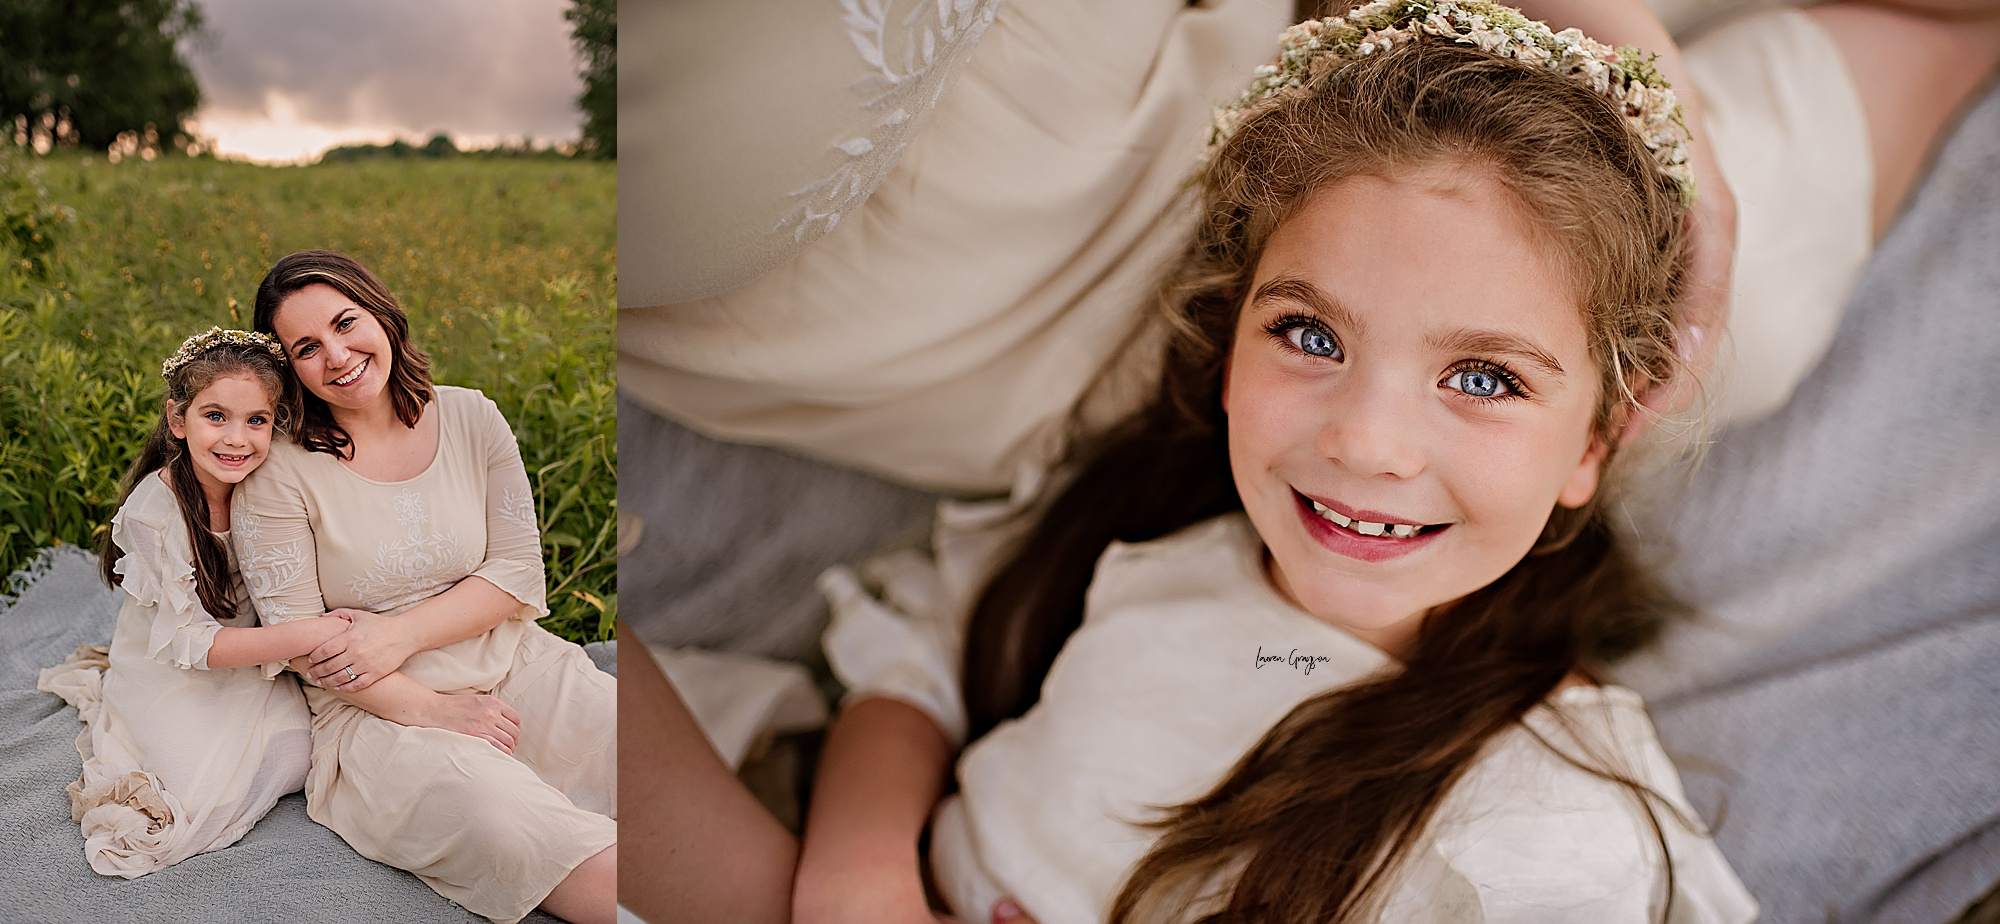 lauren-grayson-photography-akron-ridenour-family-summer-fields-sunset-session_0005.jpg